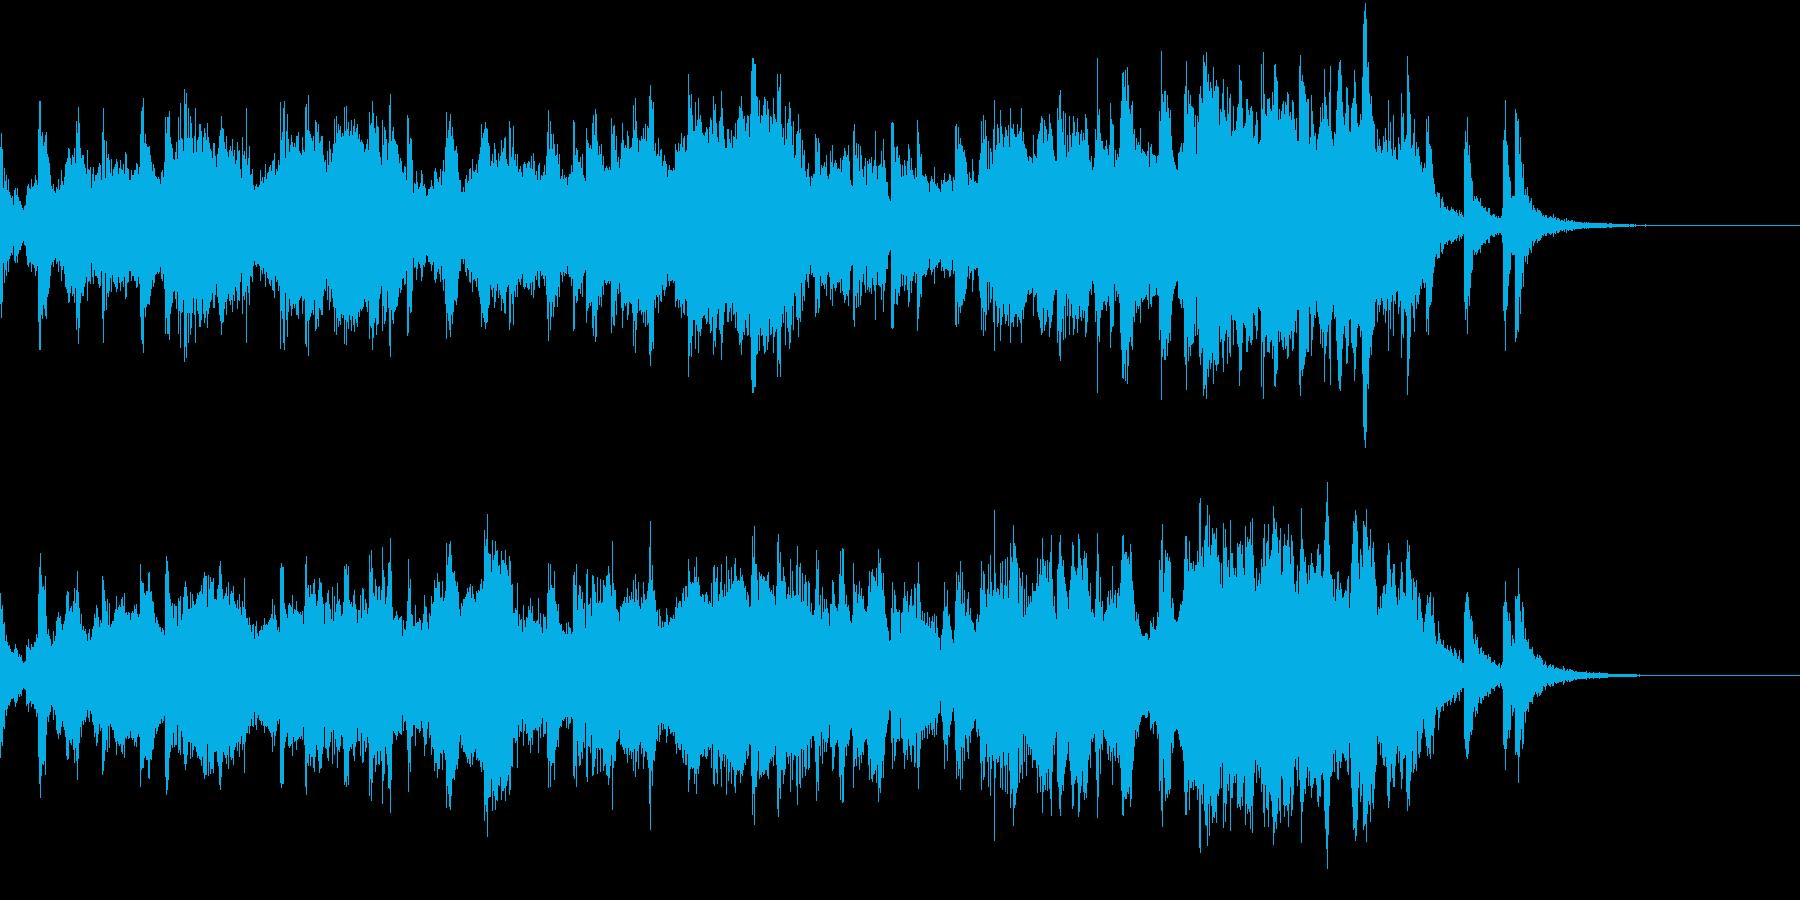 戦闘シーン向けの緊迫感漂う楽曲ですの再生済みの波形